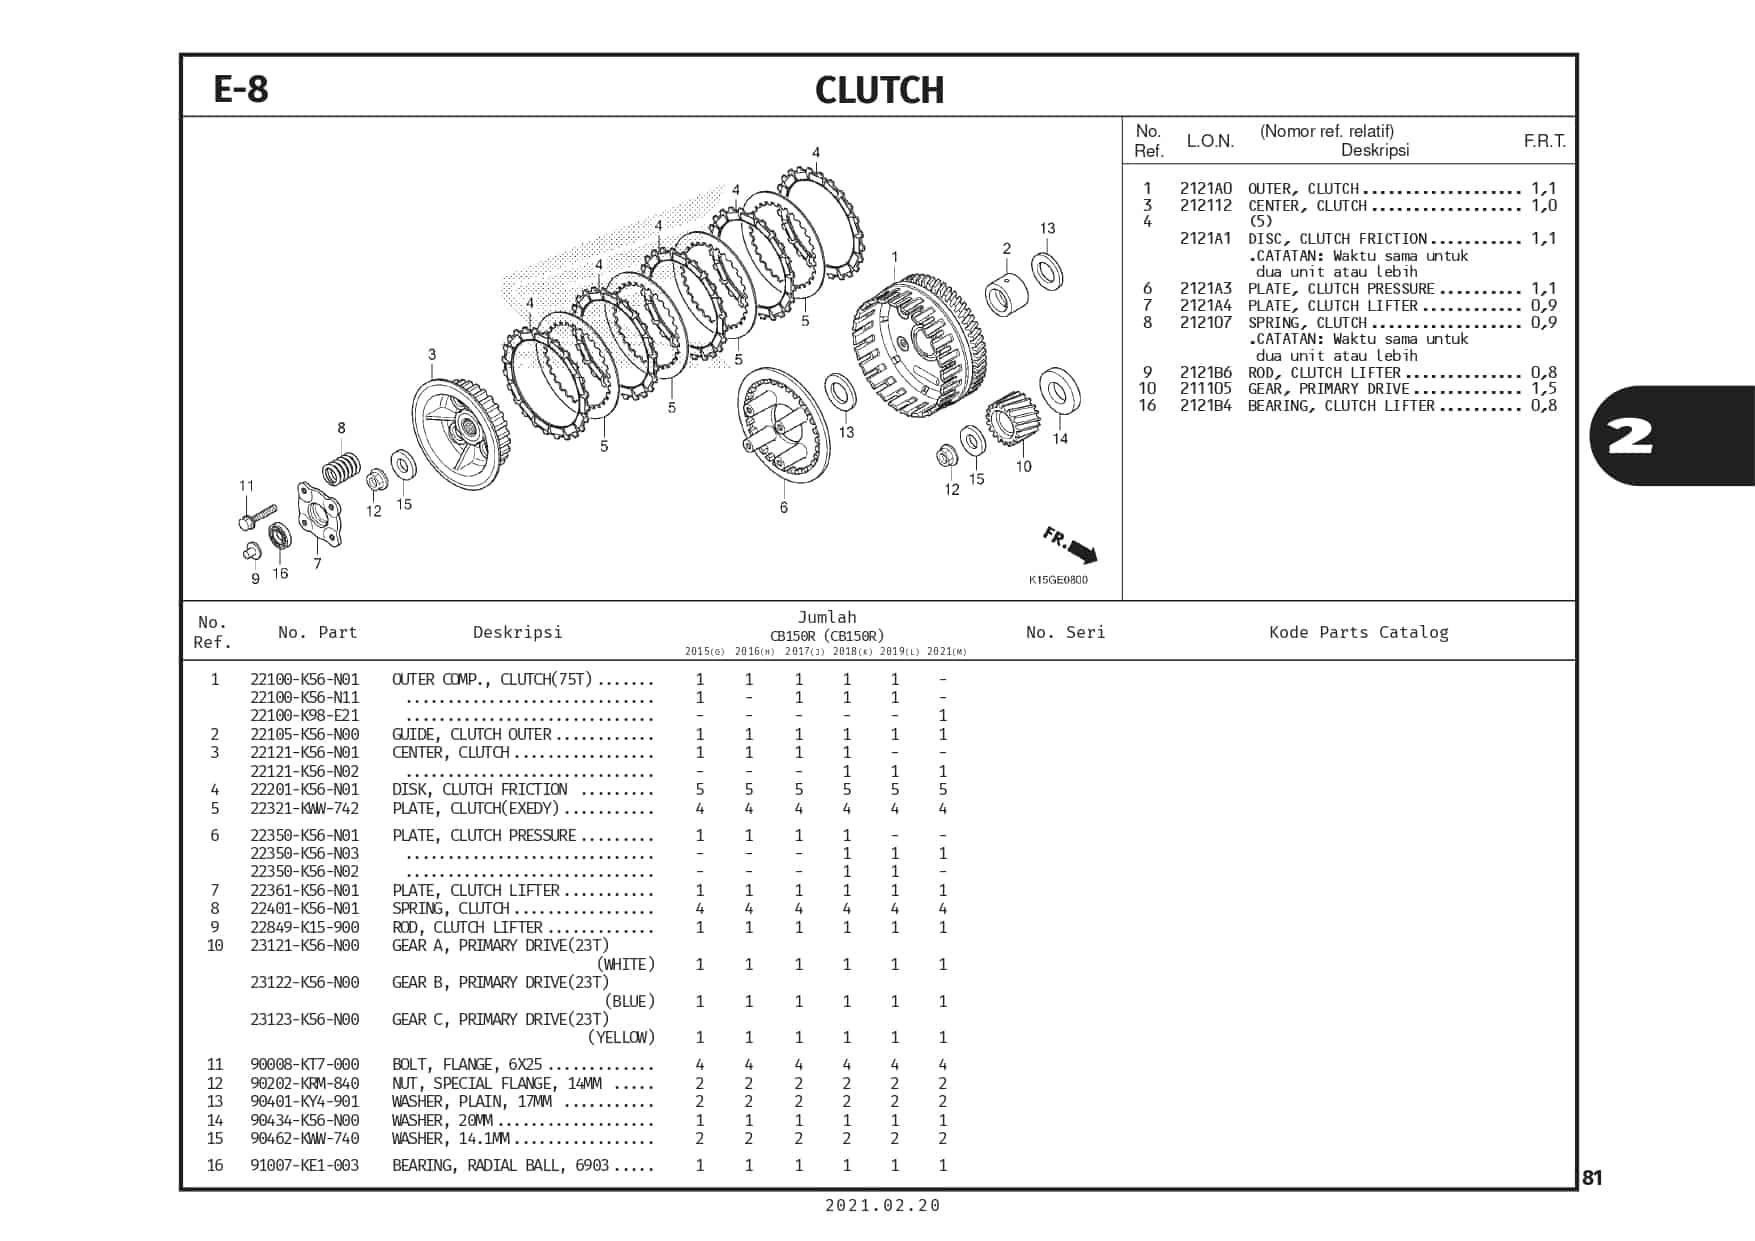 E-8 Clutch